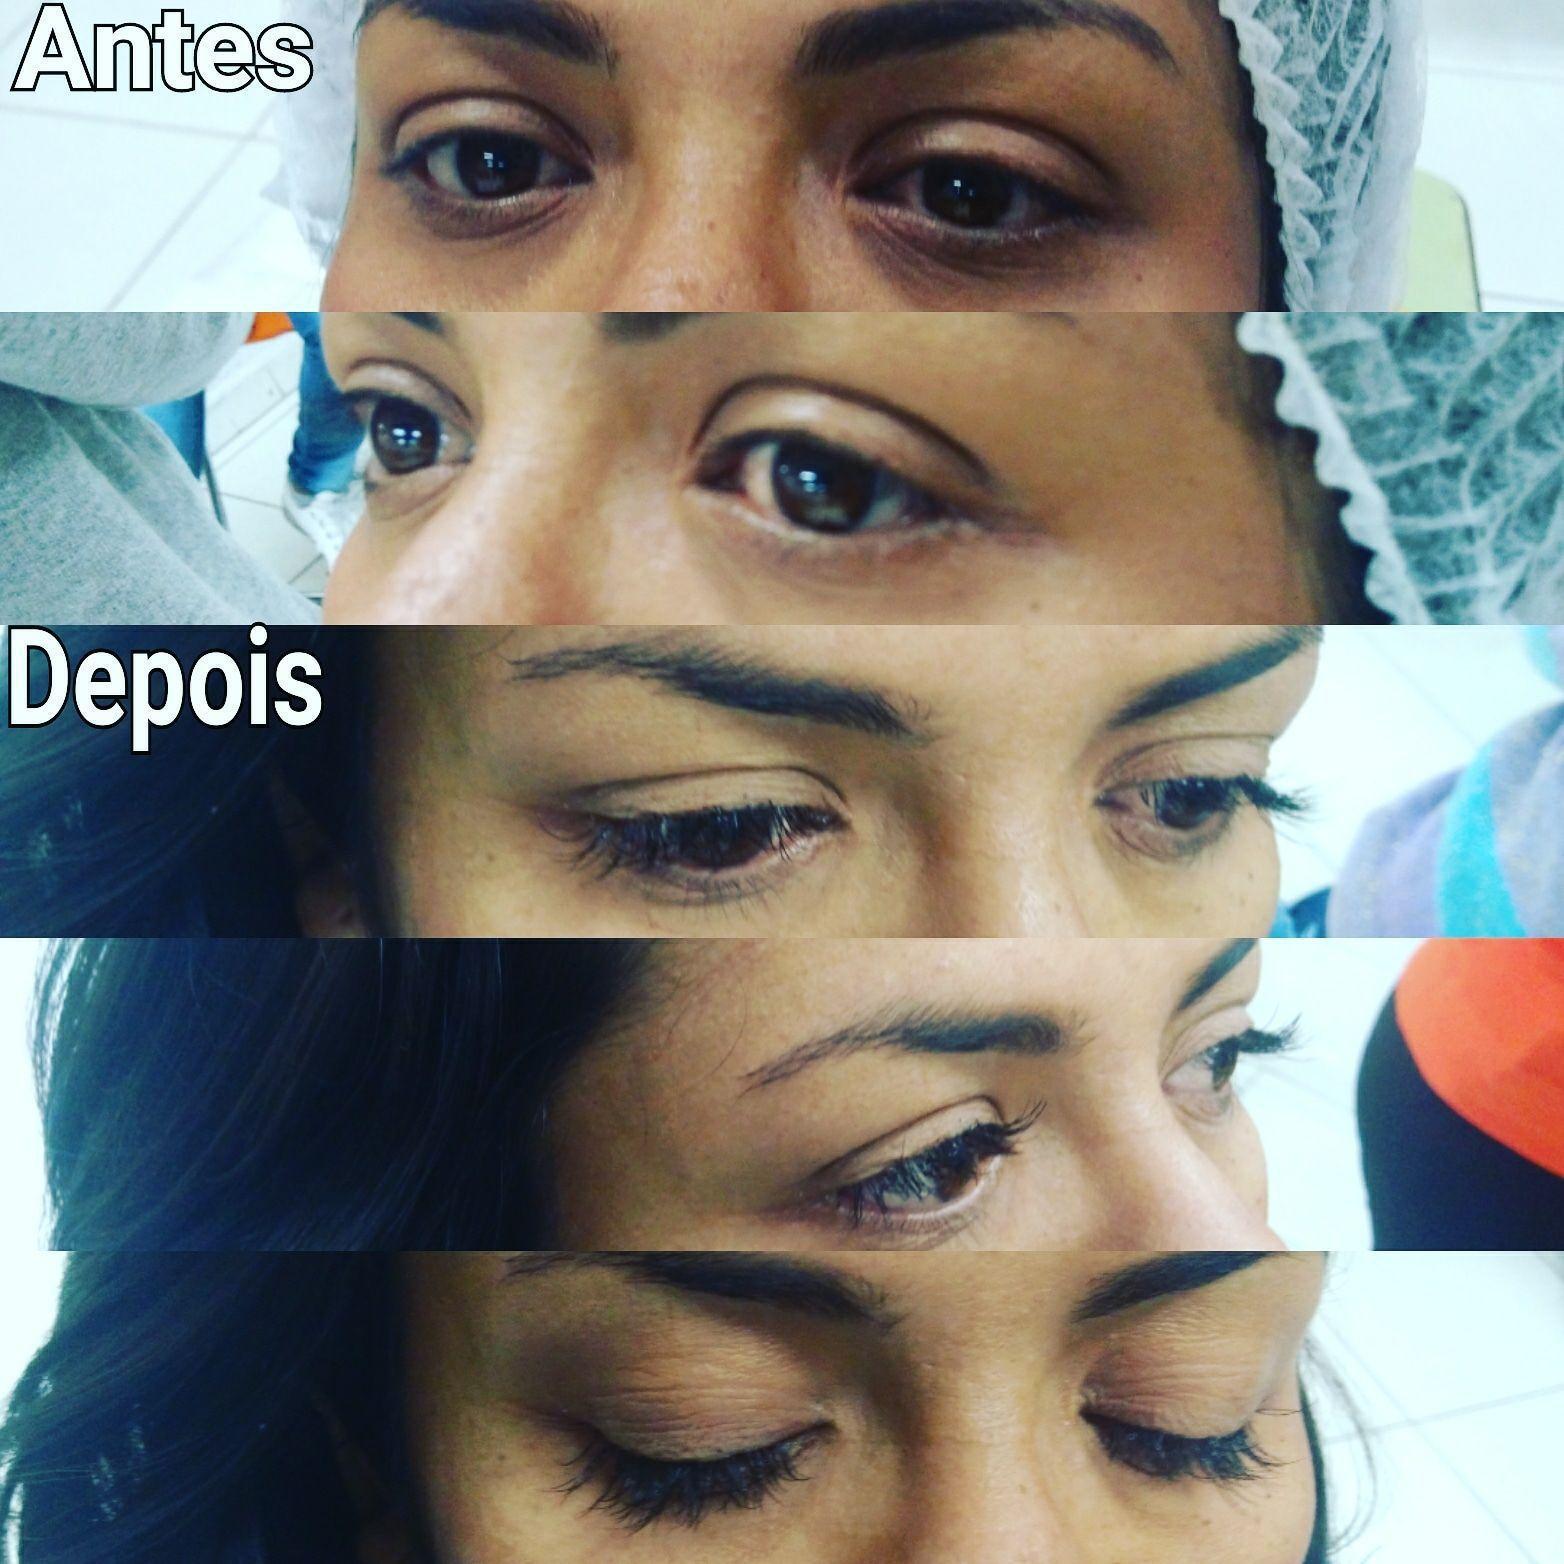 Procedimento de cílios fio a fio maquiagem cabeleireiro(a) maquiador(a) escovista designer de sobrancelhas depilador(a)